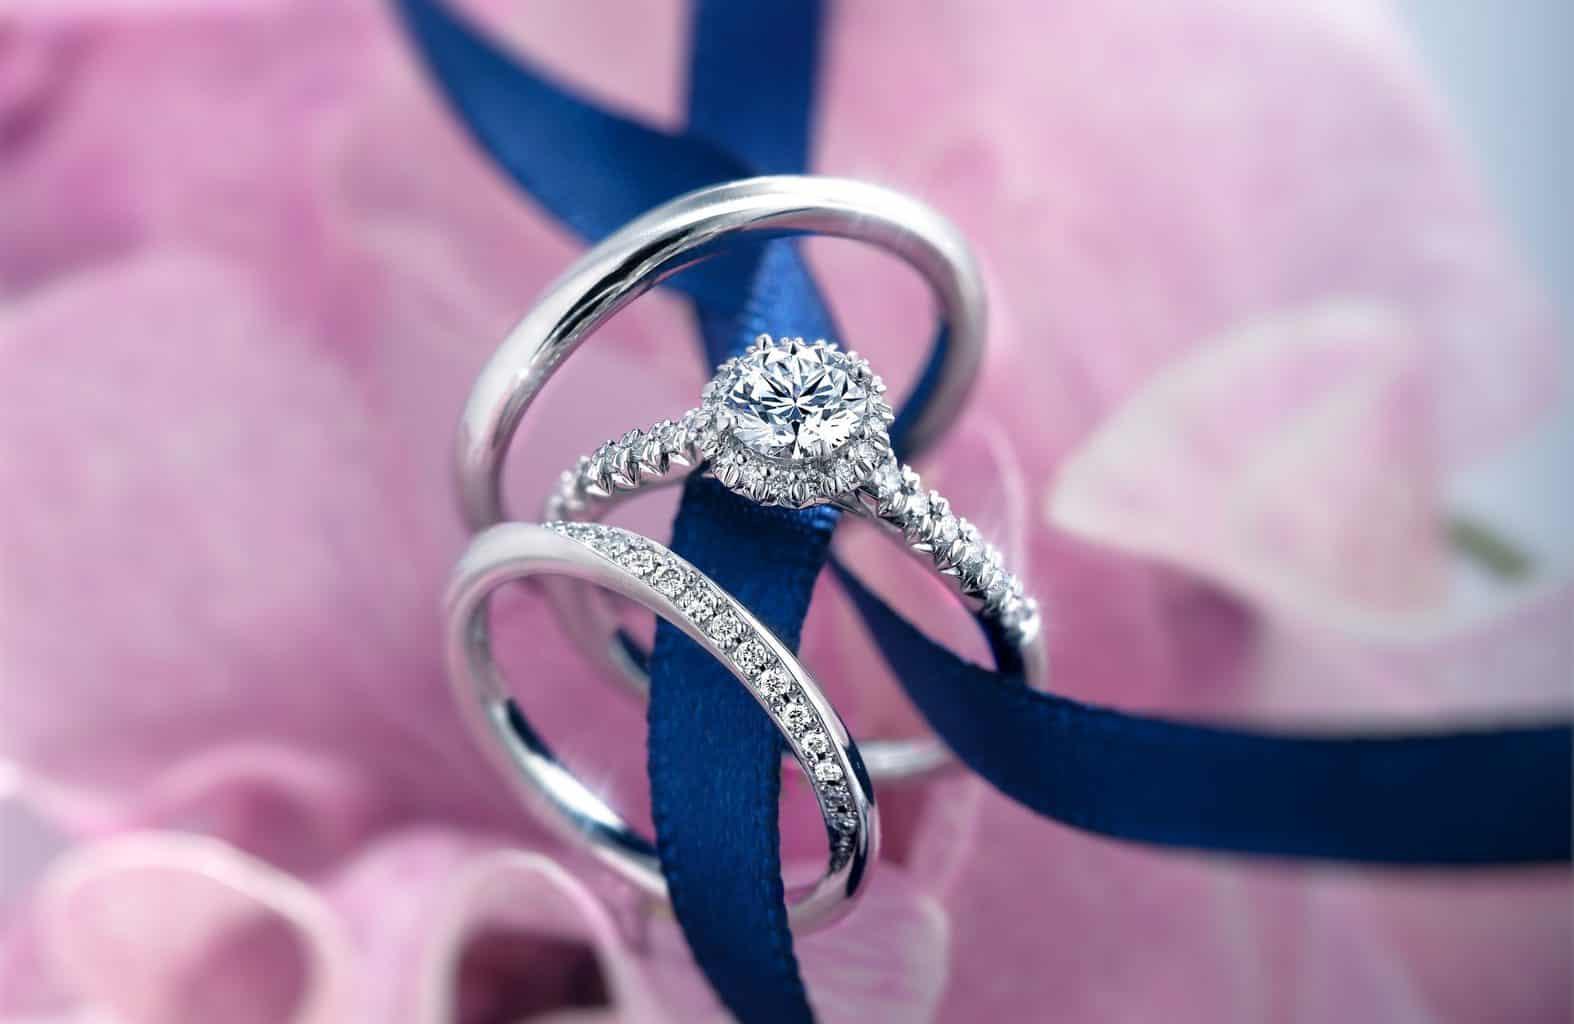 銀座ダイヤモンドシライシで人気の重ね付けリングは?全国の店舗でお得なフェア開催中!のカバー写真 0.650571791613723